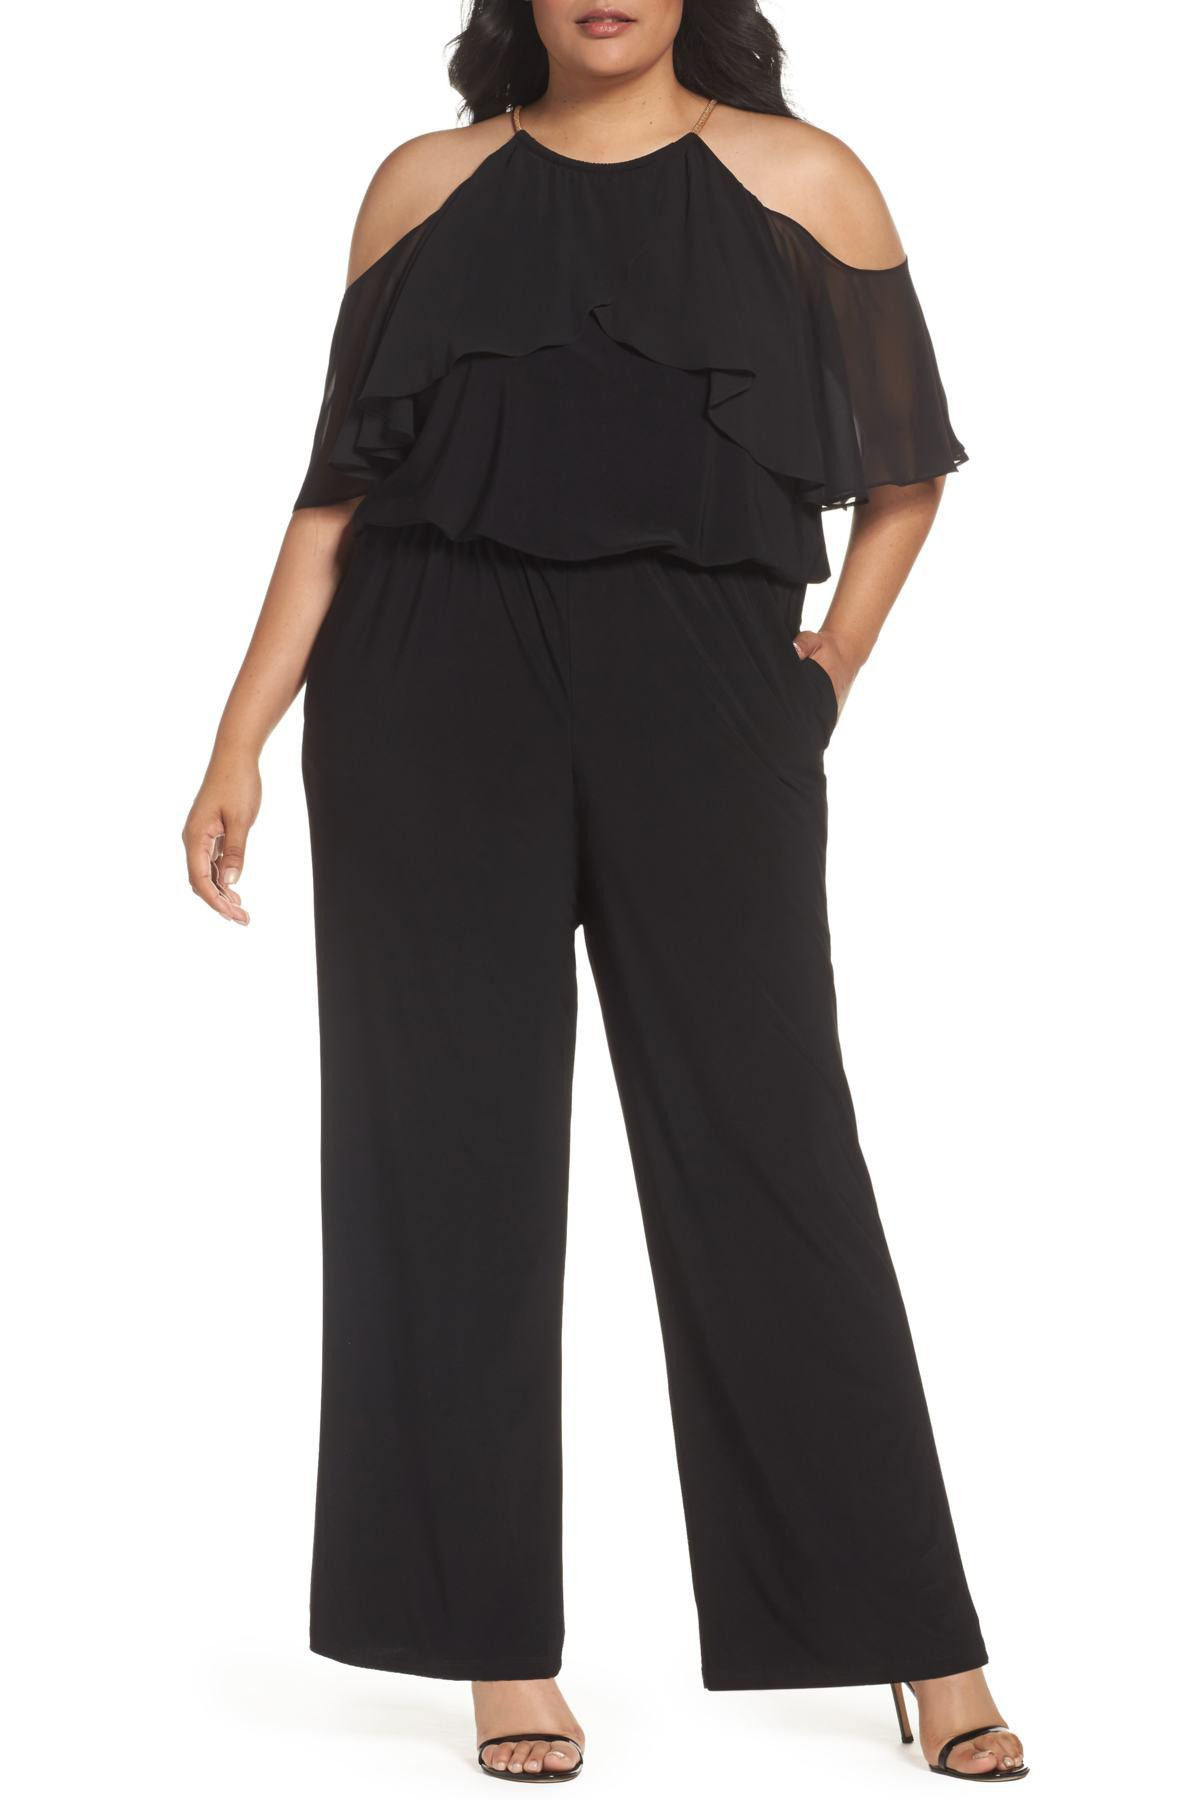 057b0cb4a8df Lyst - Xscape Chain Neck Cold Shoulder Jumpsuit (plus Size) in Black ...